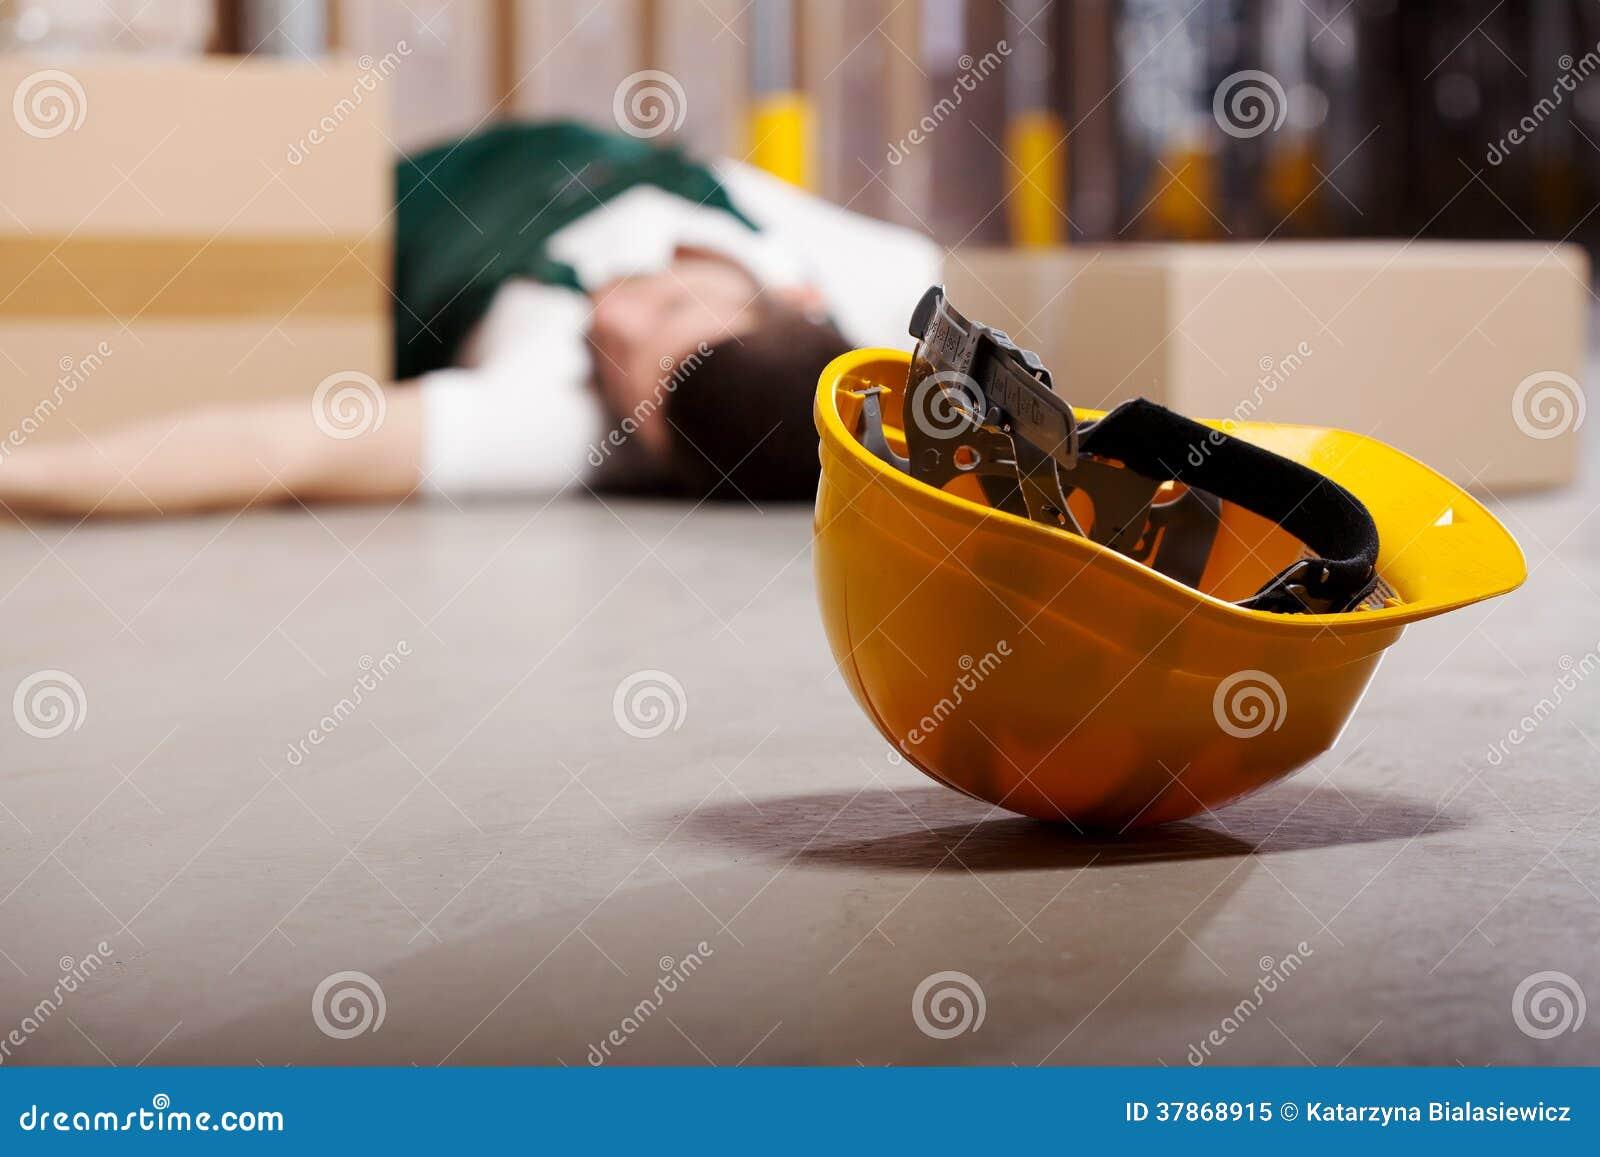 Niebezpieczny wypadek podczas pracy